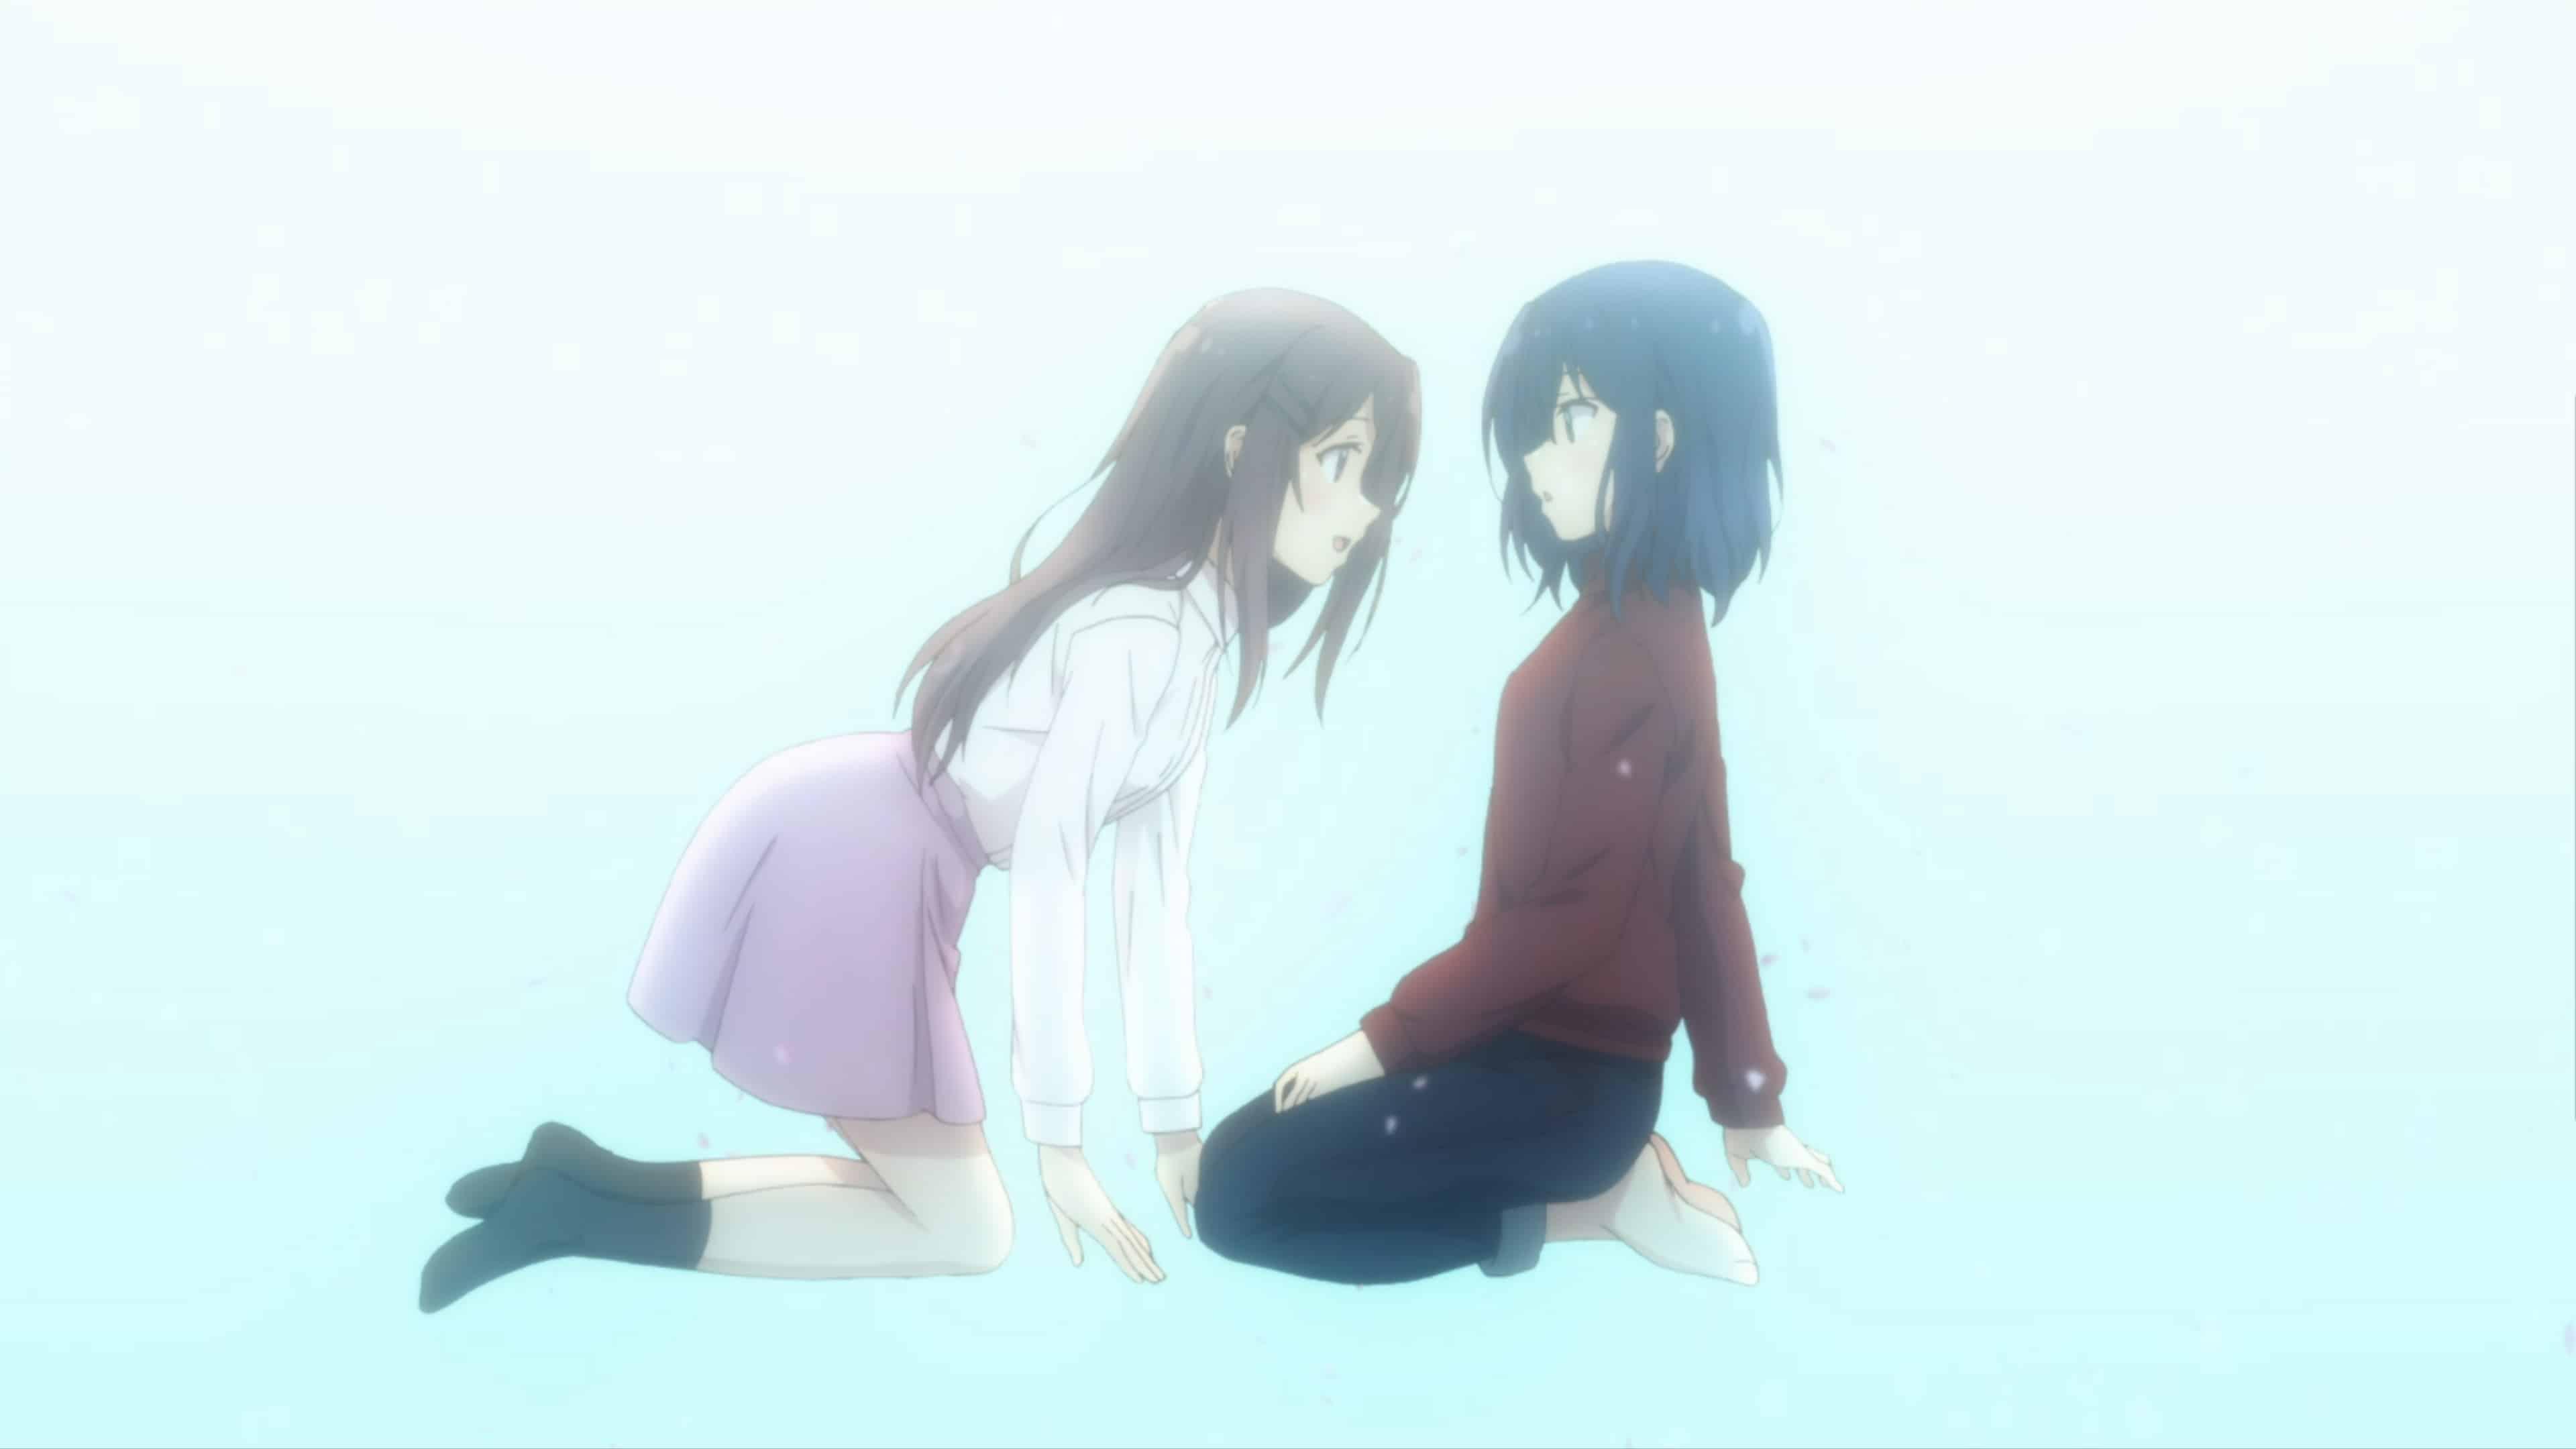 Shimamura crawling towards Adachi